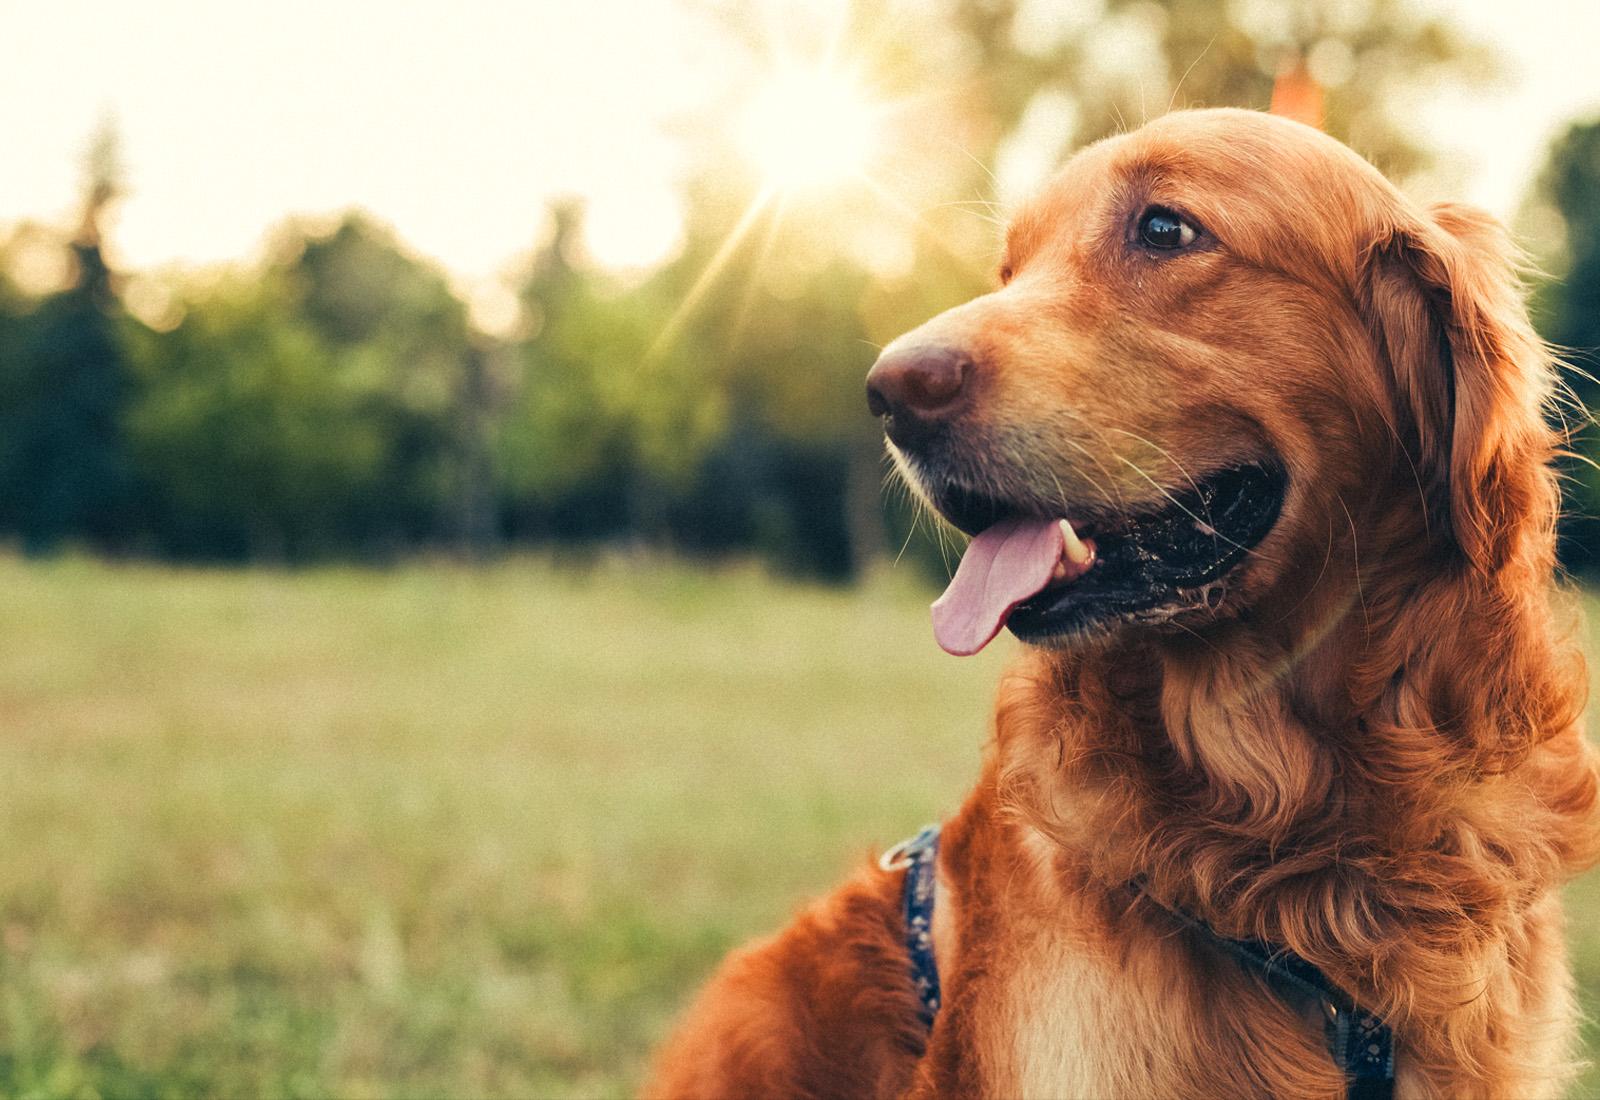 تغذیه سگ در دوران آبستن و شیردهی